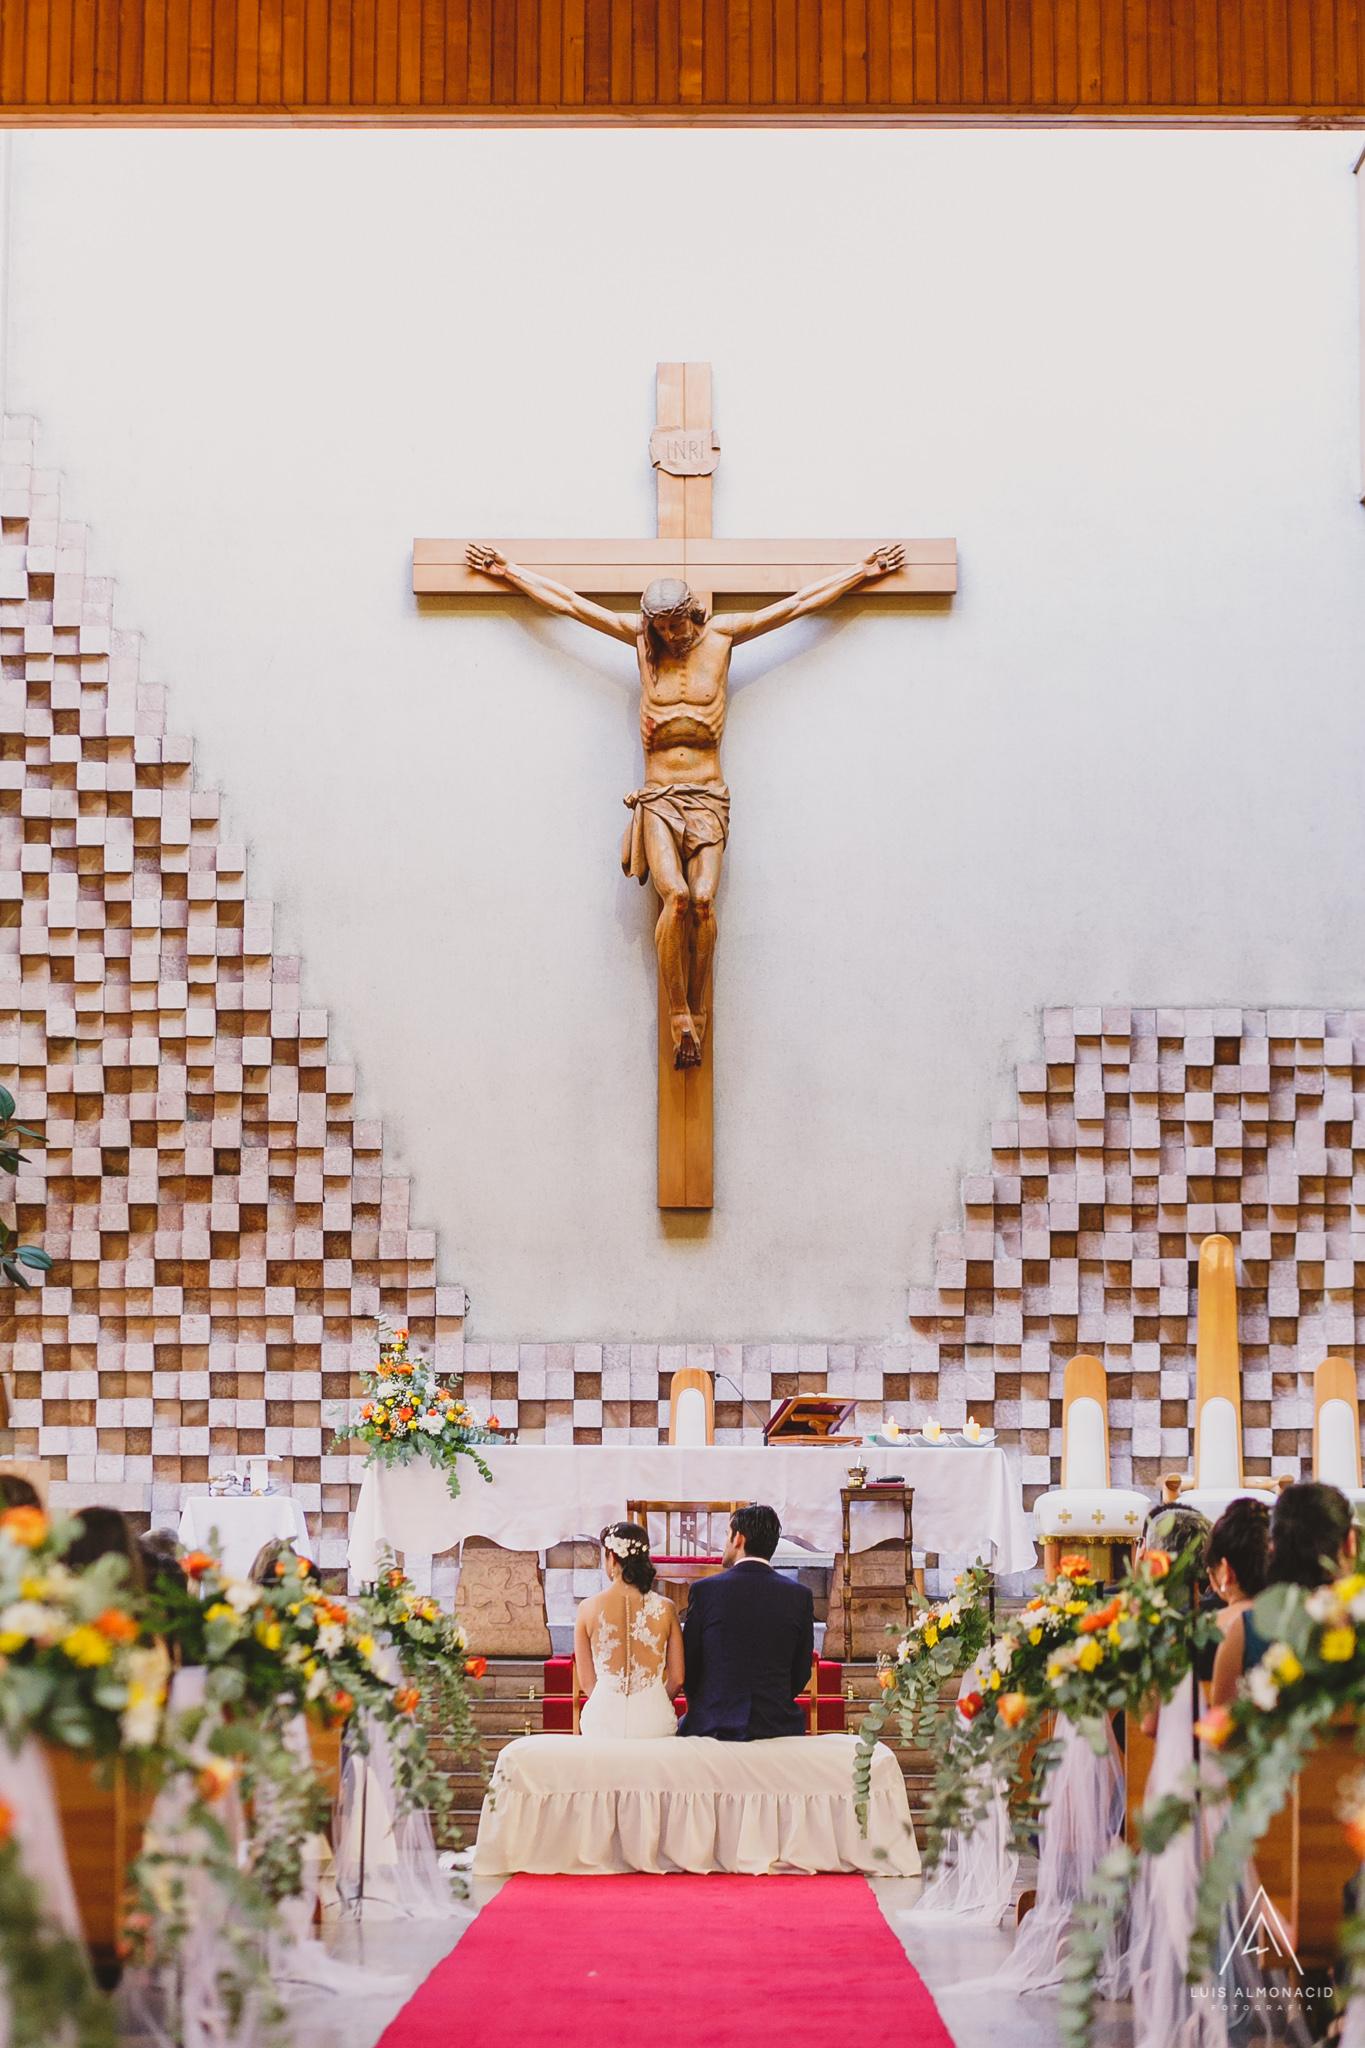 foto-matrimonio-catedral-temuco